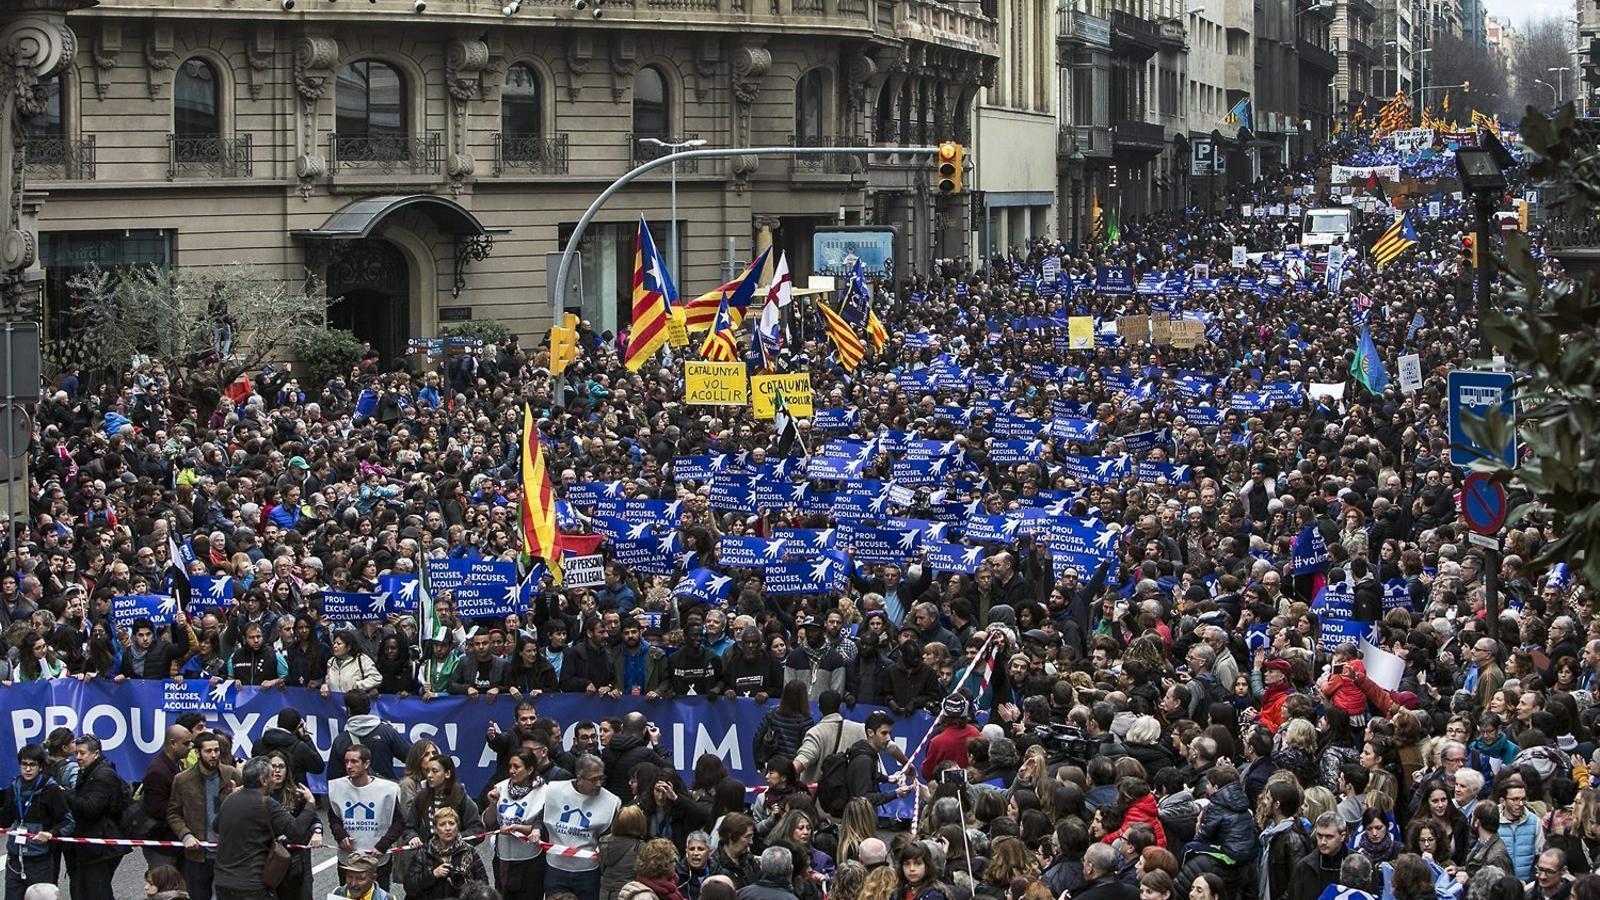 Clam massiu a Barcelona a favor d'acollir refugiats